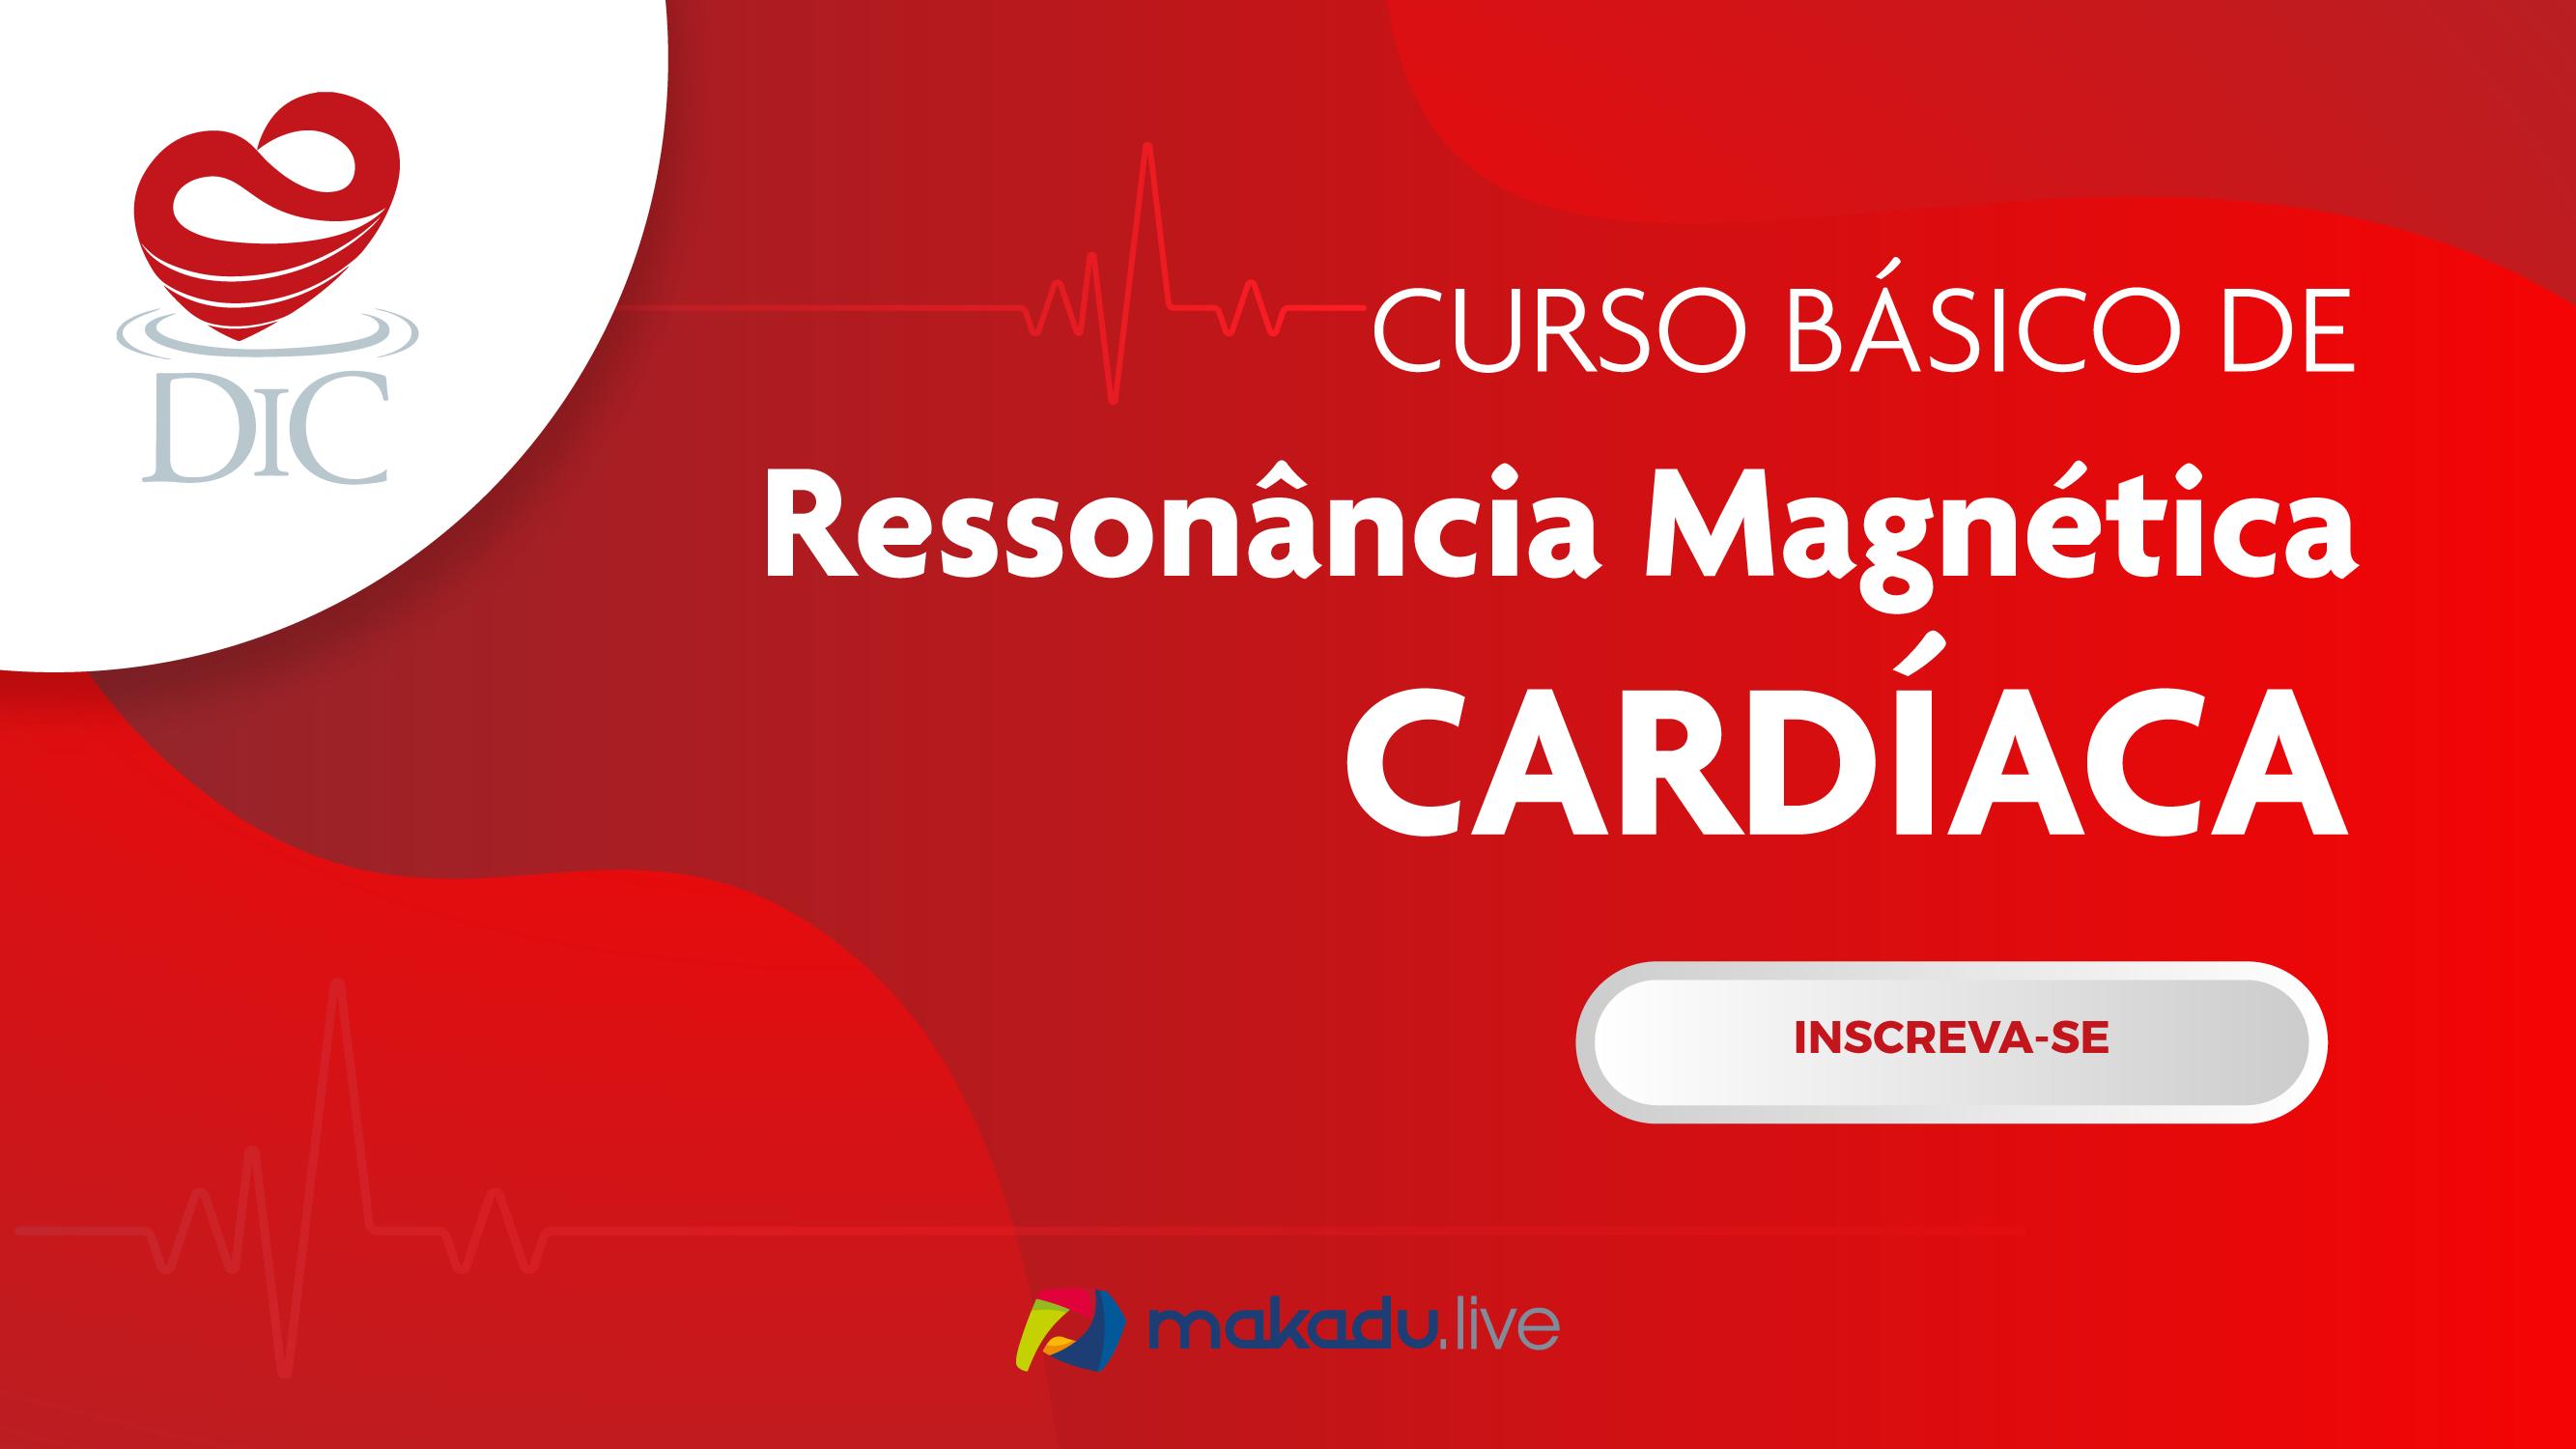 Curso Básico de Ressonância Magnética Cardíaca